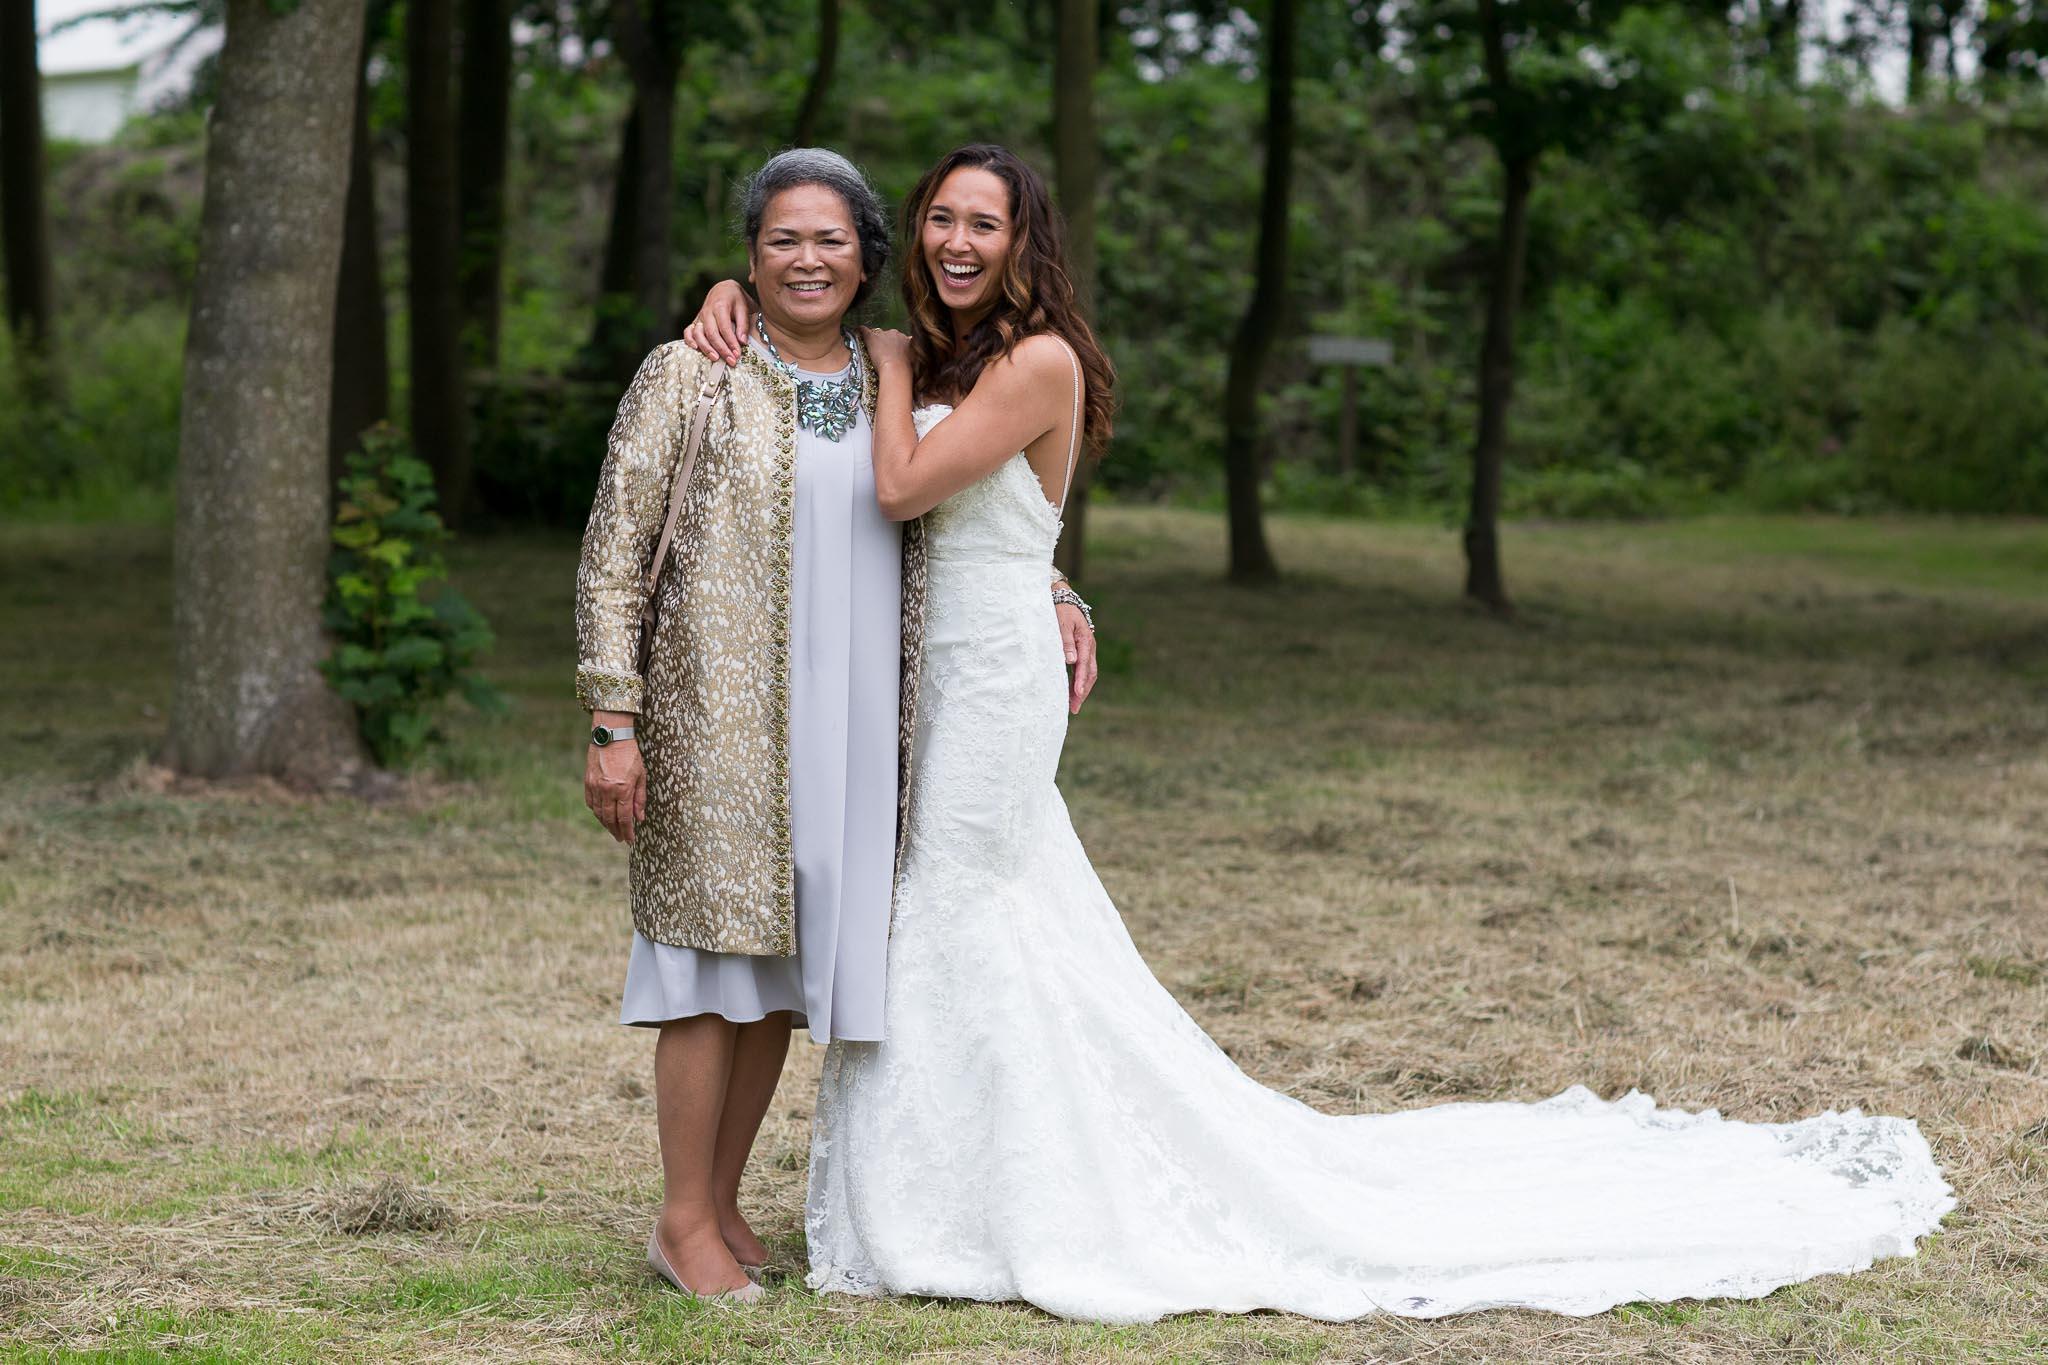 freebirdstories-com_wedding_christiaannina_lowres_678